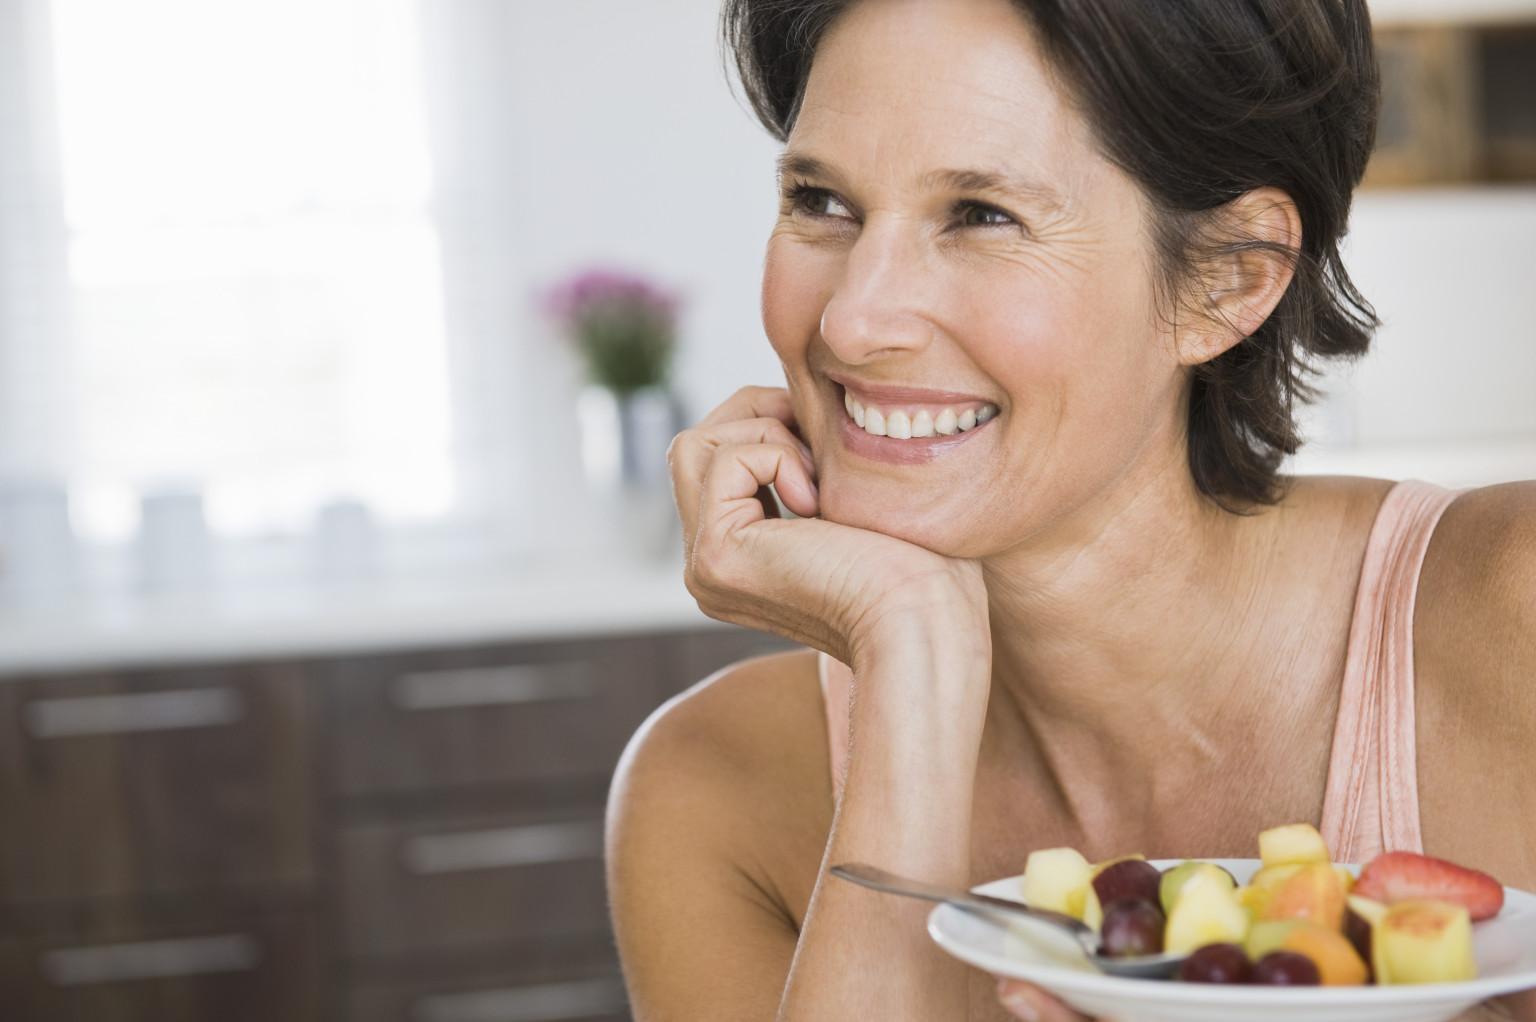 dieta para bajar de peso de los famosos